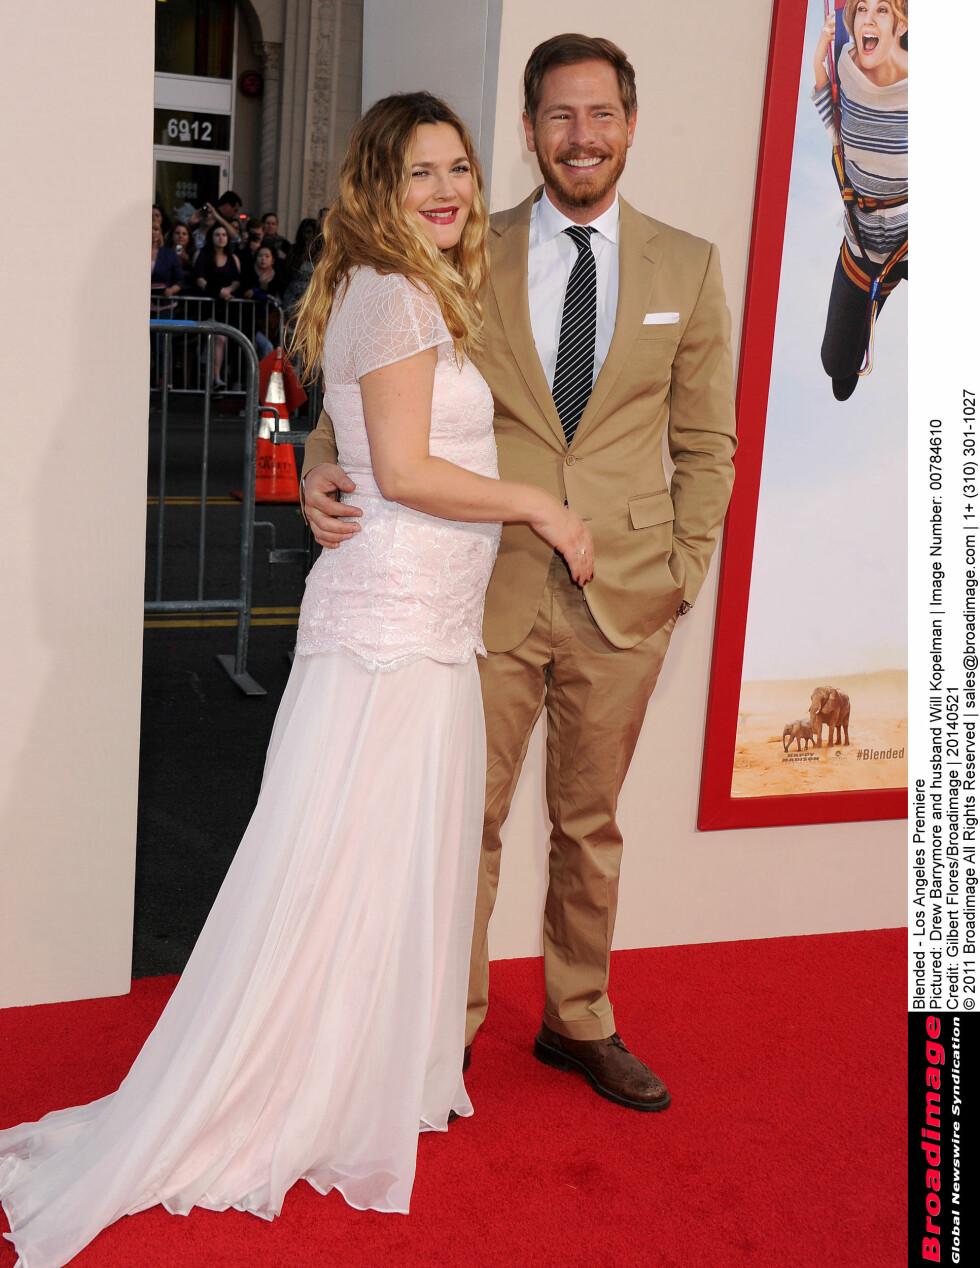 <strong>LYKKEN BRAST:</strong> Drew Barrymore skal skilles fra ektemannen Will Kopelman, som hun har to barn med. Paret giftet seg i 2012.  Foto: Broadimage